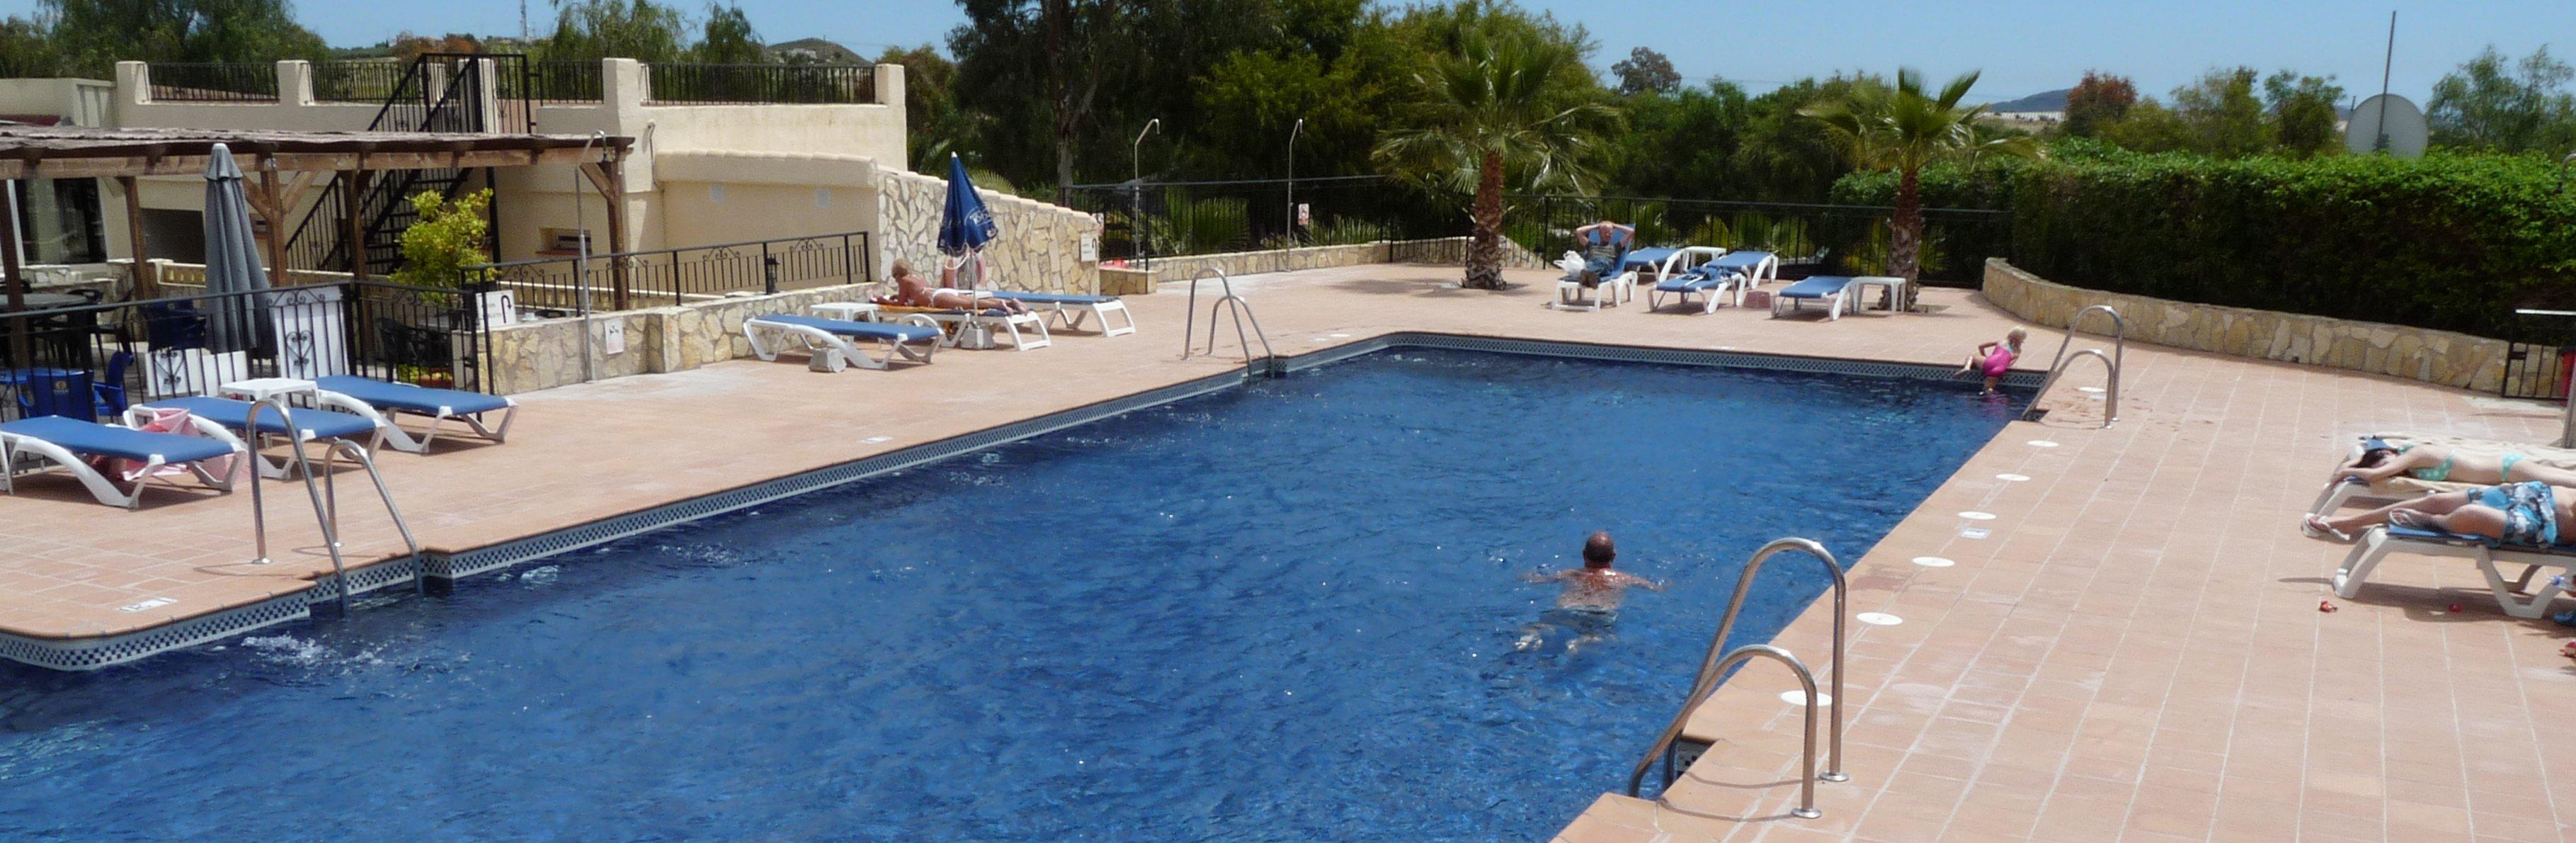 camping piscina palmera los gallardos mojacar cabo de gata parque natural